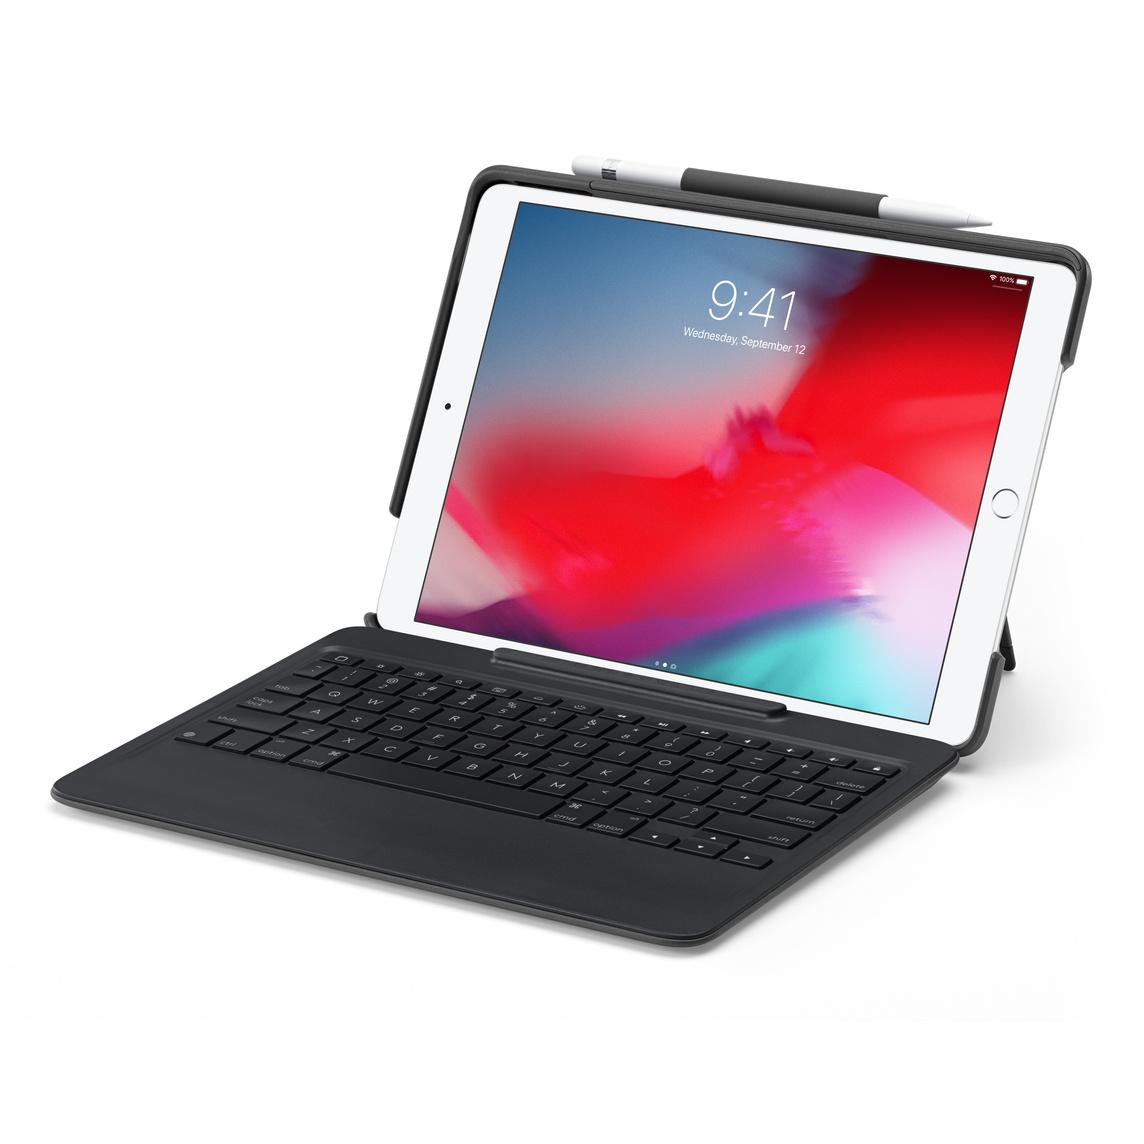 regarder 8b9b8 ab498 Étui avec clavier amovible Slim Combo de Logitech pour iPad Air et iPad Pro  10,5 po - Noir